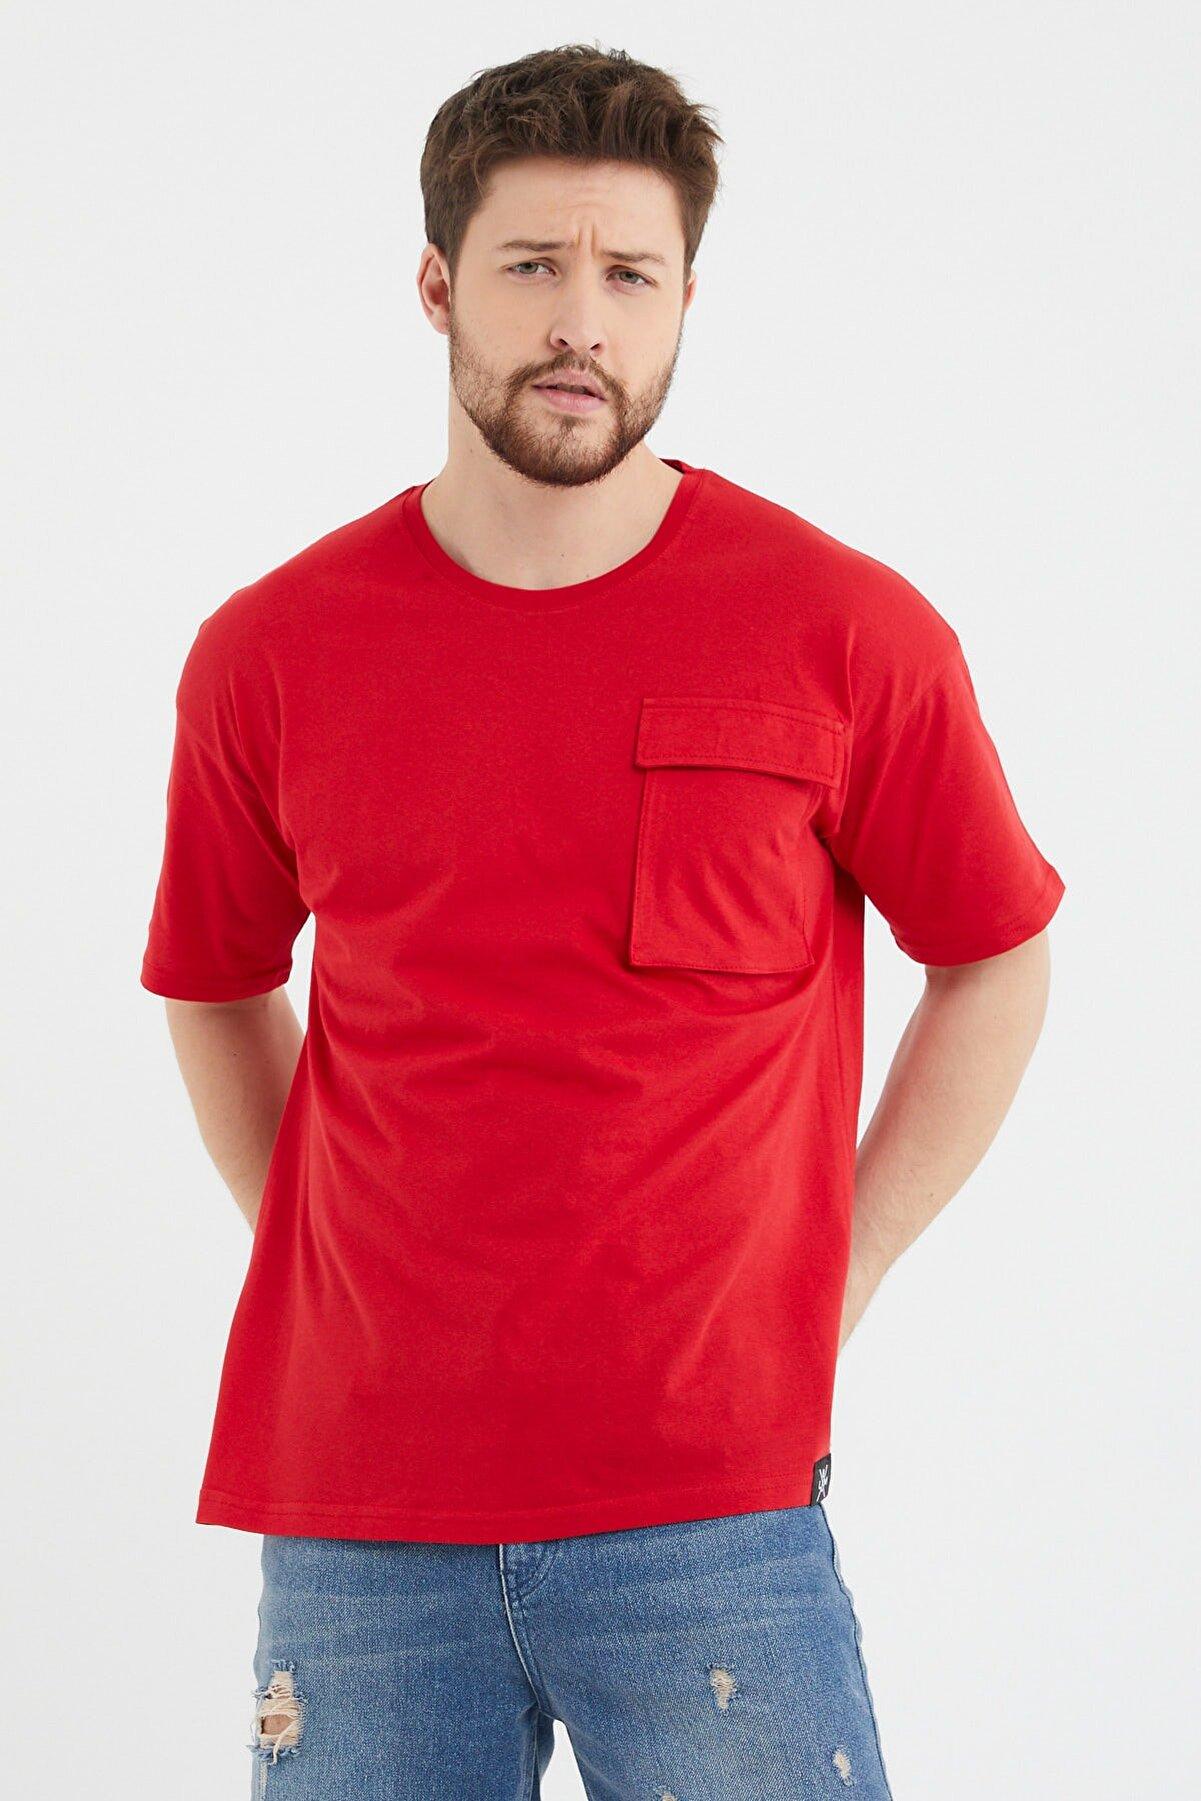 Cocers Erkek Kırmızı Oversize Körük Cepli T-shirt